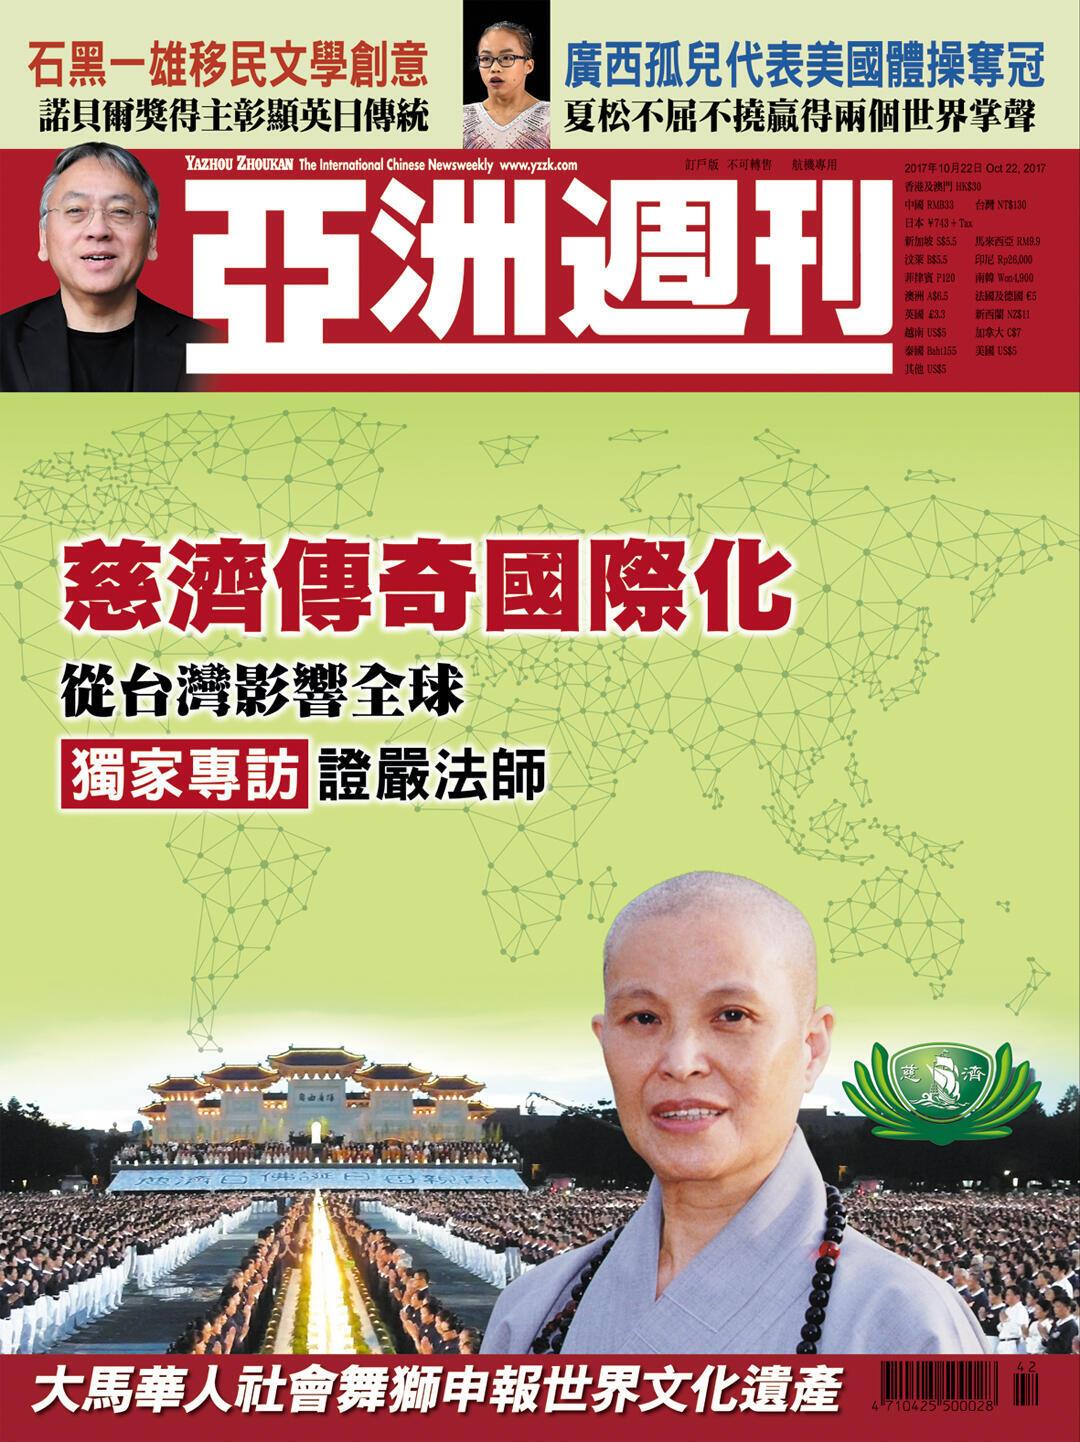 亚洲周刊封面,2017年10月